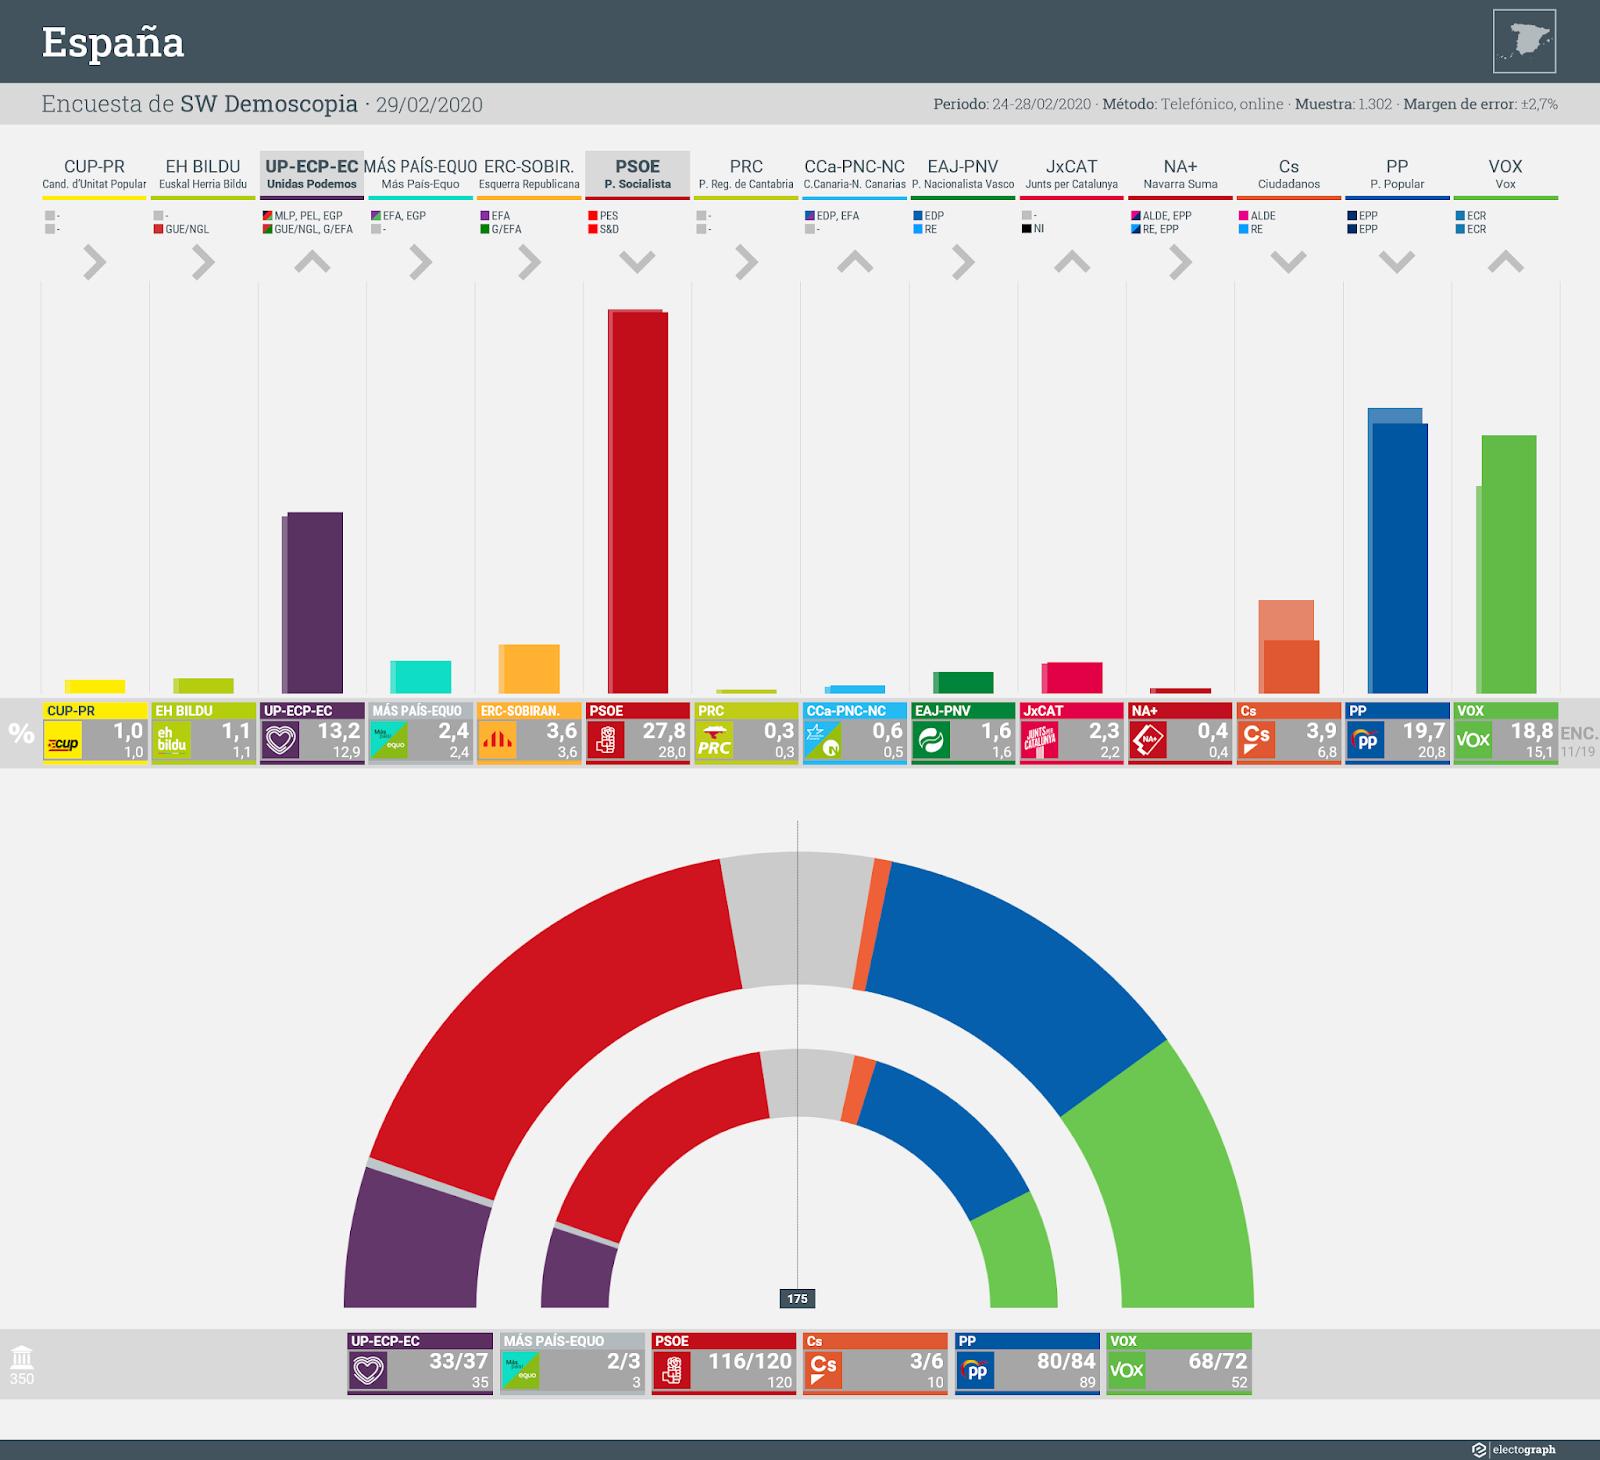 Gráfico de la encuesta para elecciones generales en España realizada por SW Demoscopia, 28 de febrero de 2020